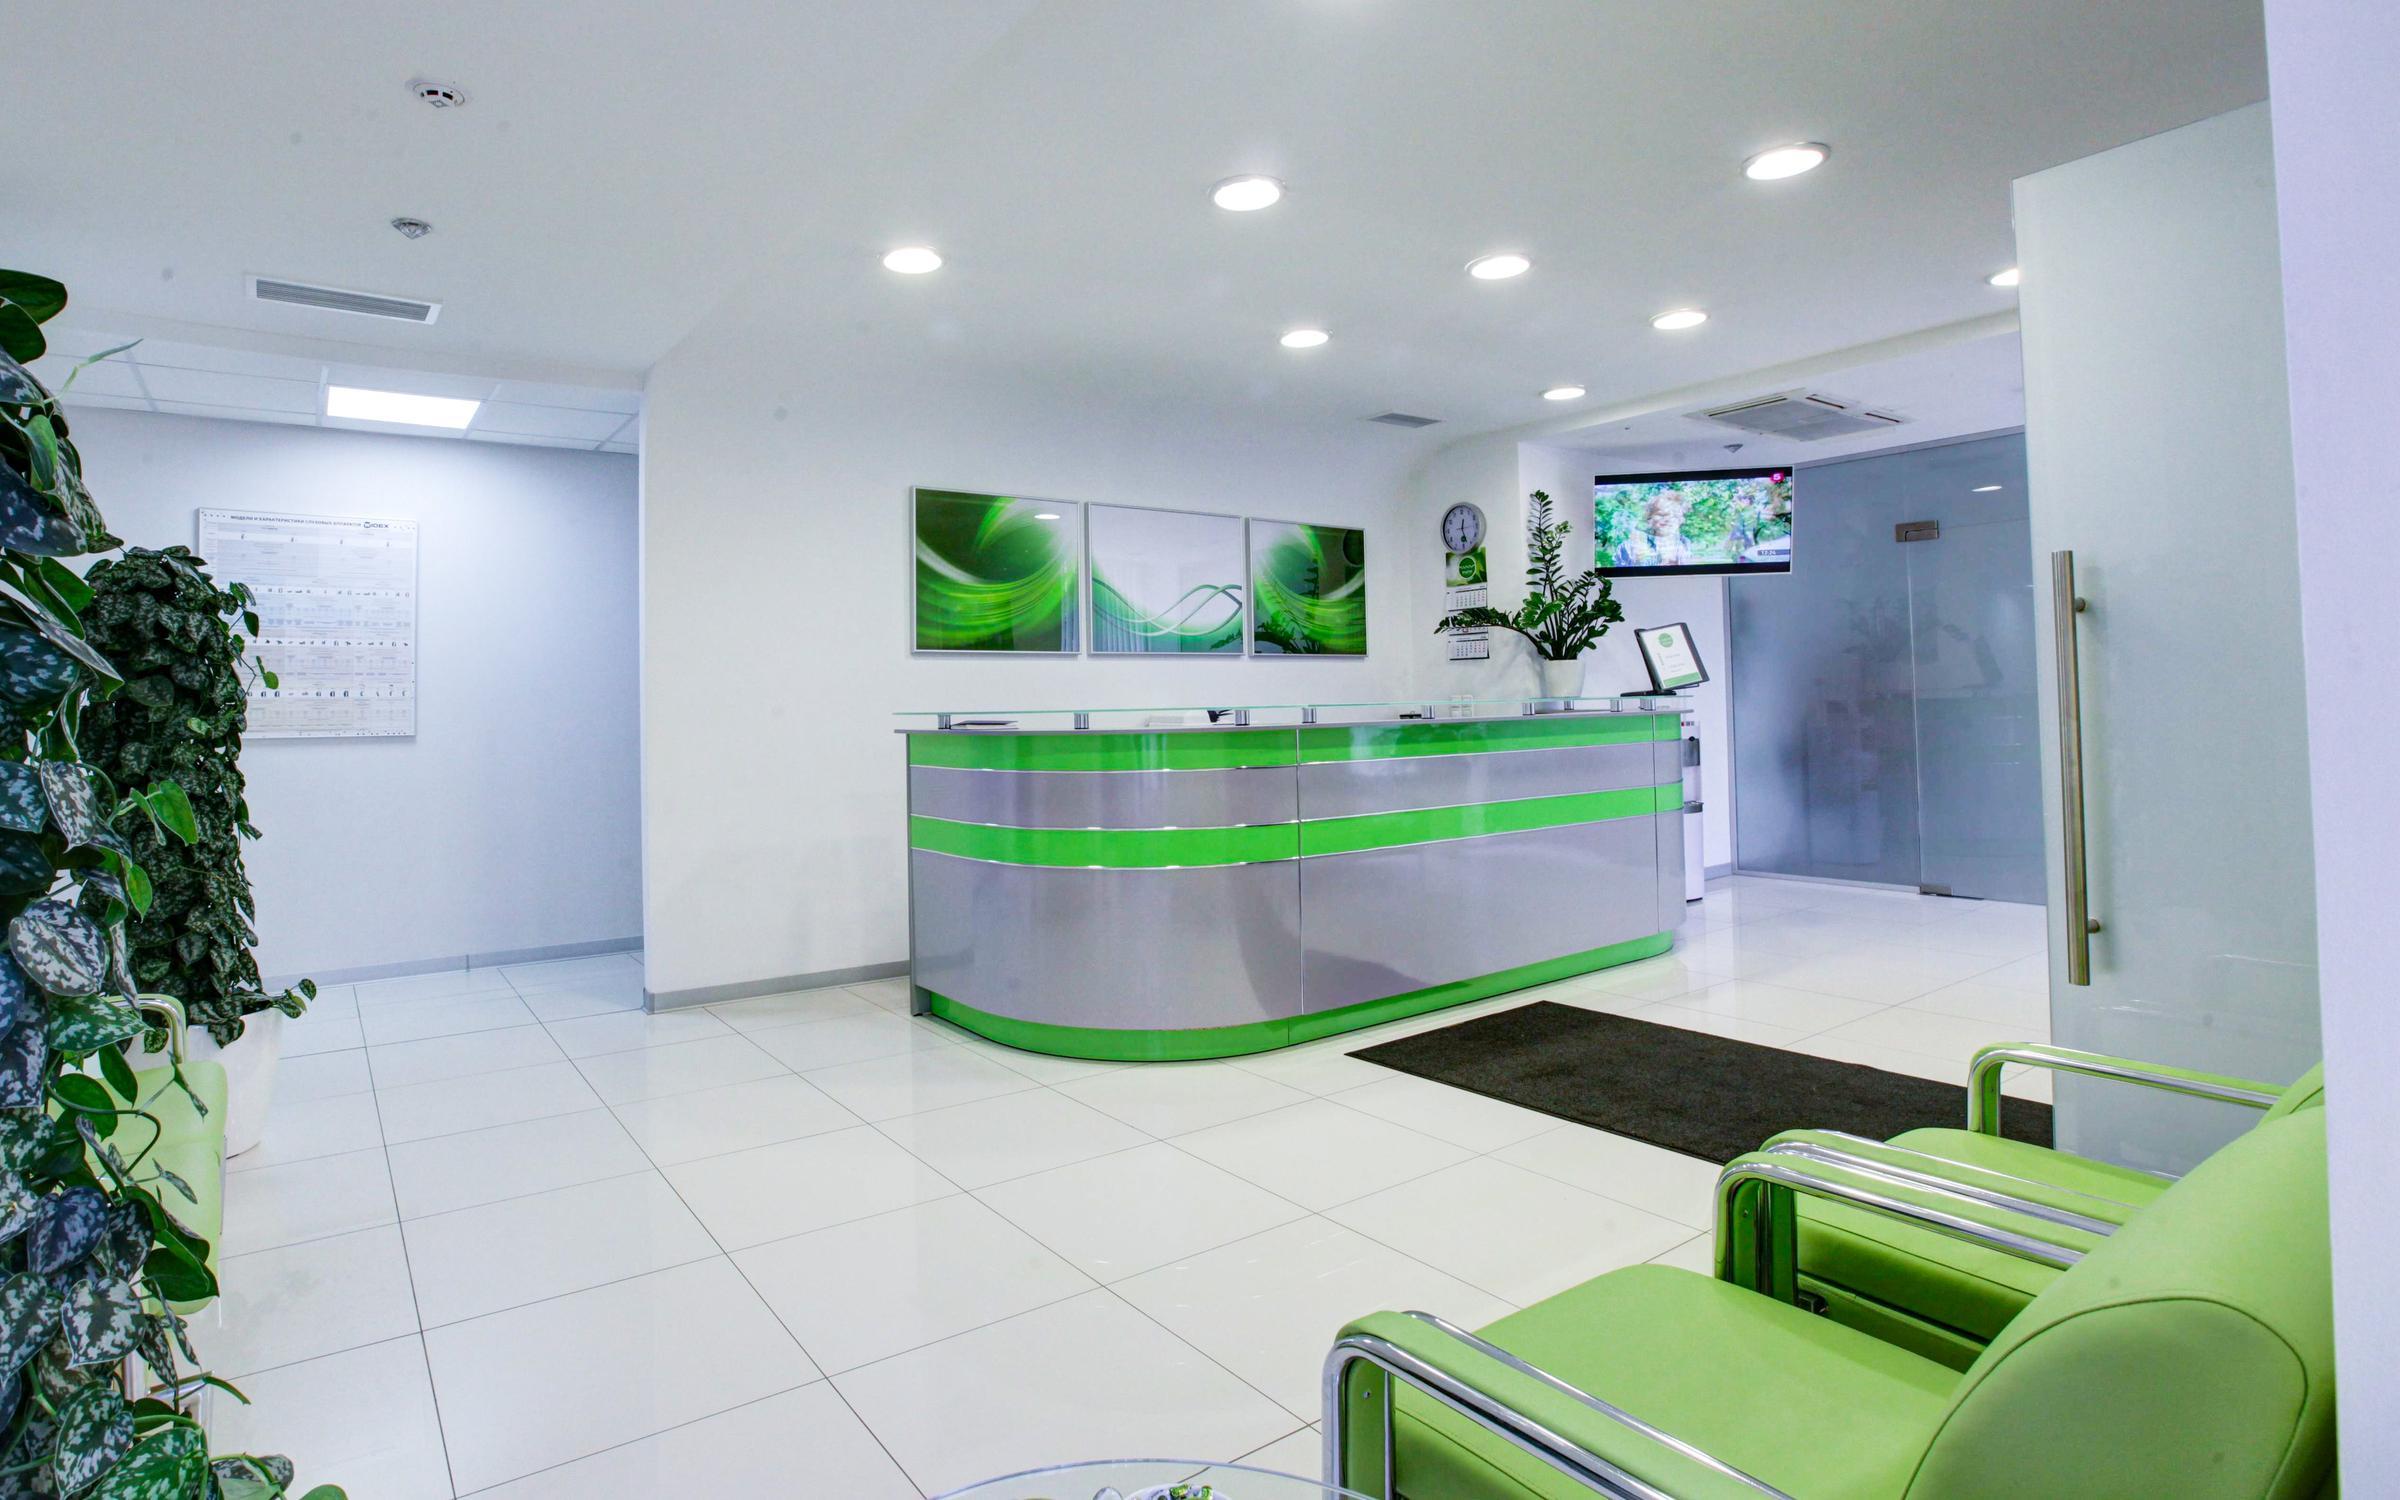 фотография Клиники малоинвазивной лазерной медицины Центр МИЛМ на Университетском проспекте